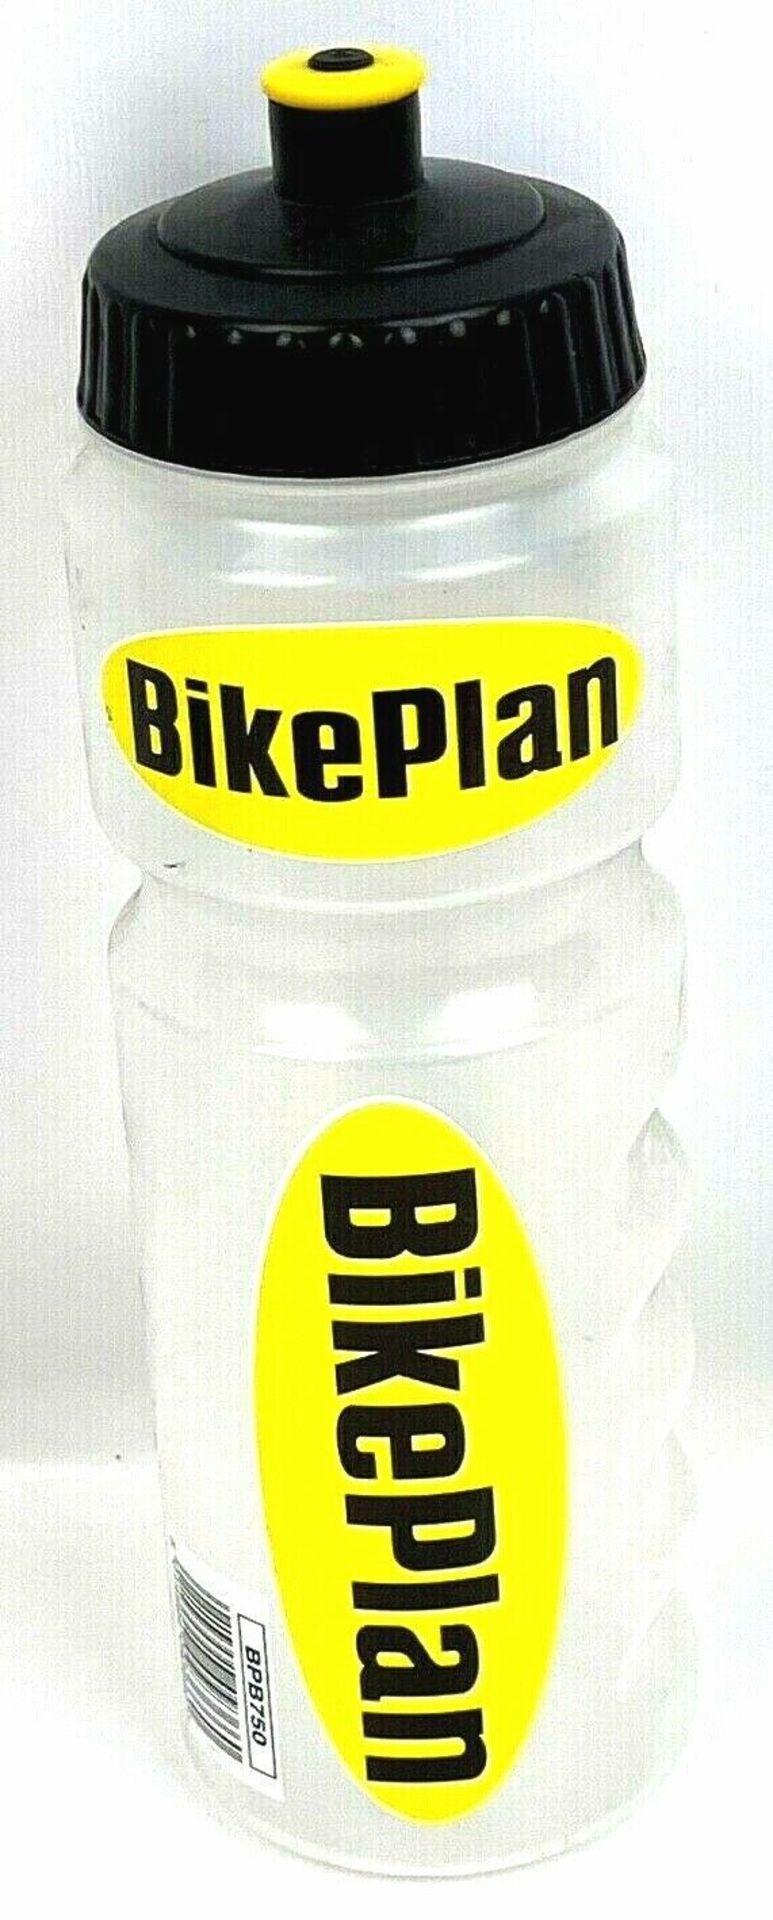 5 x Bikeplan Water Bottles